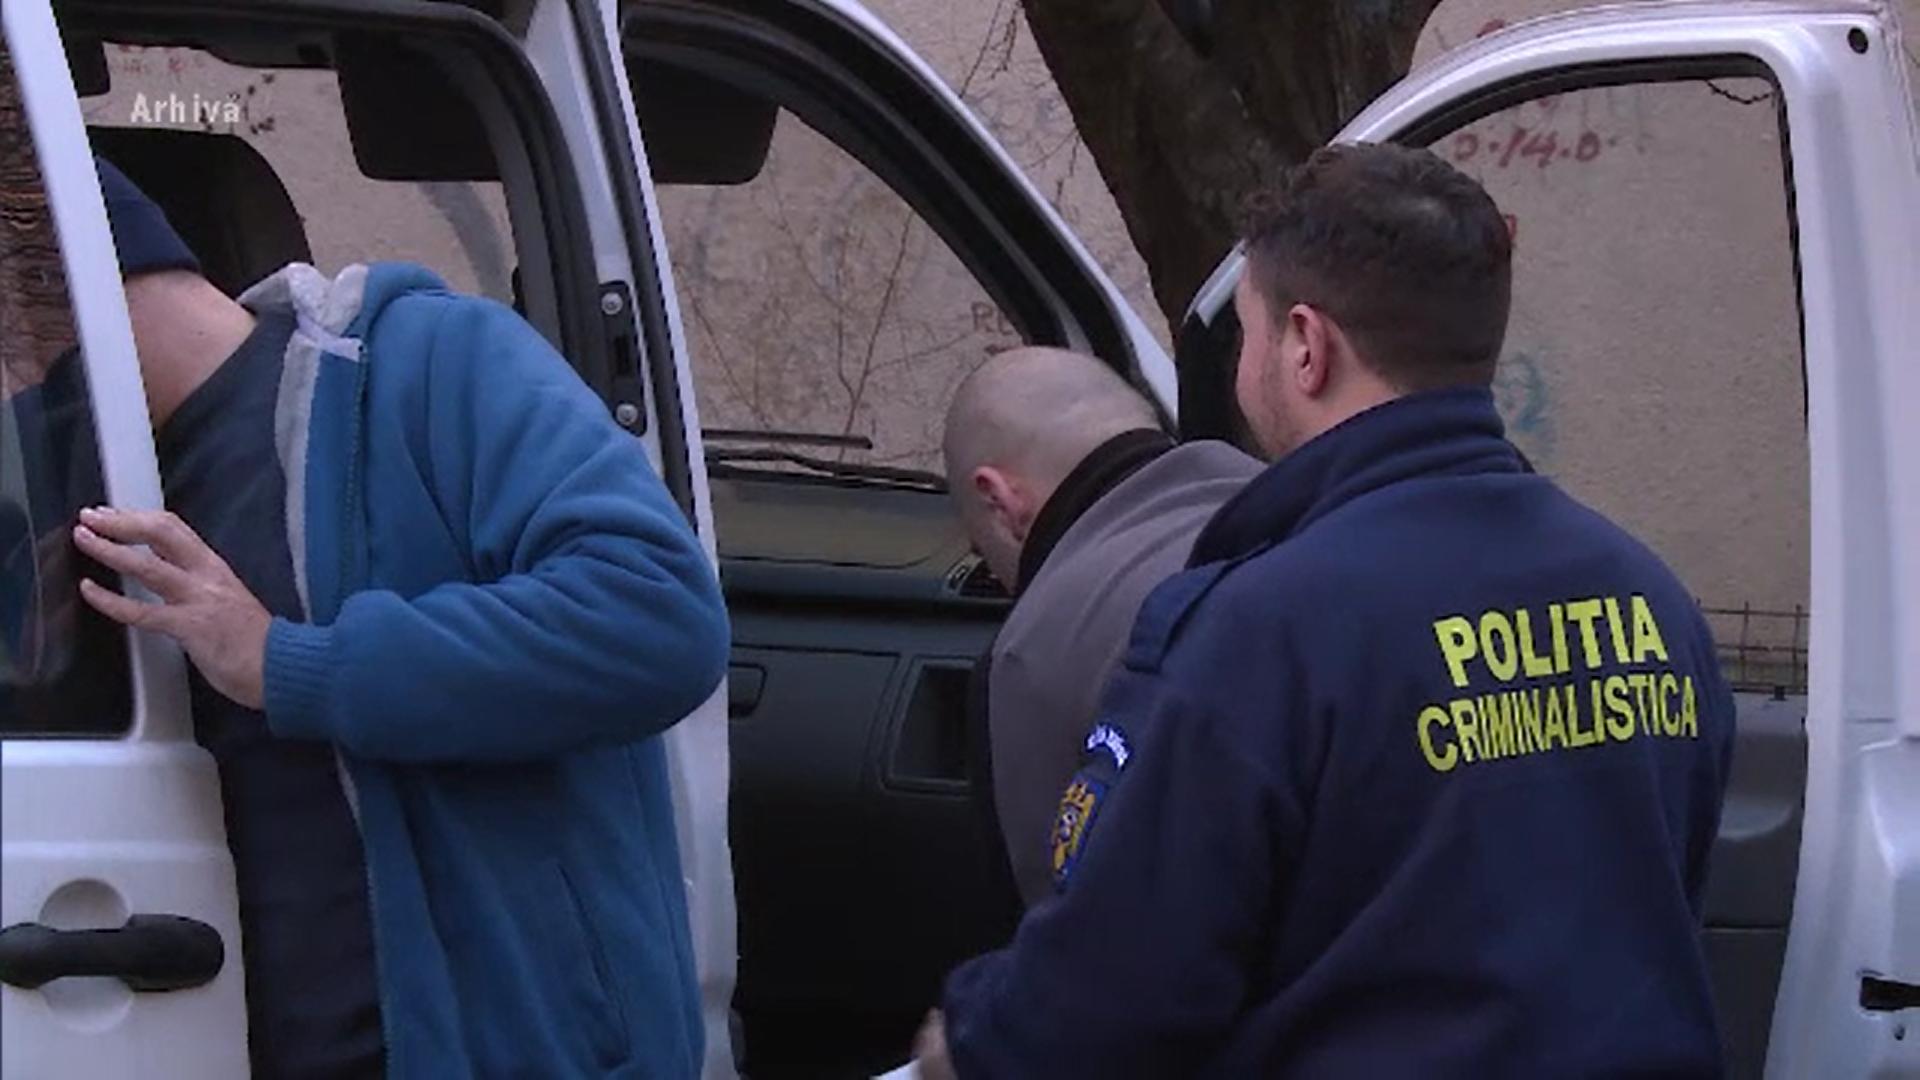 Bărbat din Bistrița, arestat preventiv după ce soţia a fost găsită moartă în casă